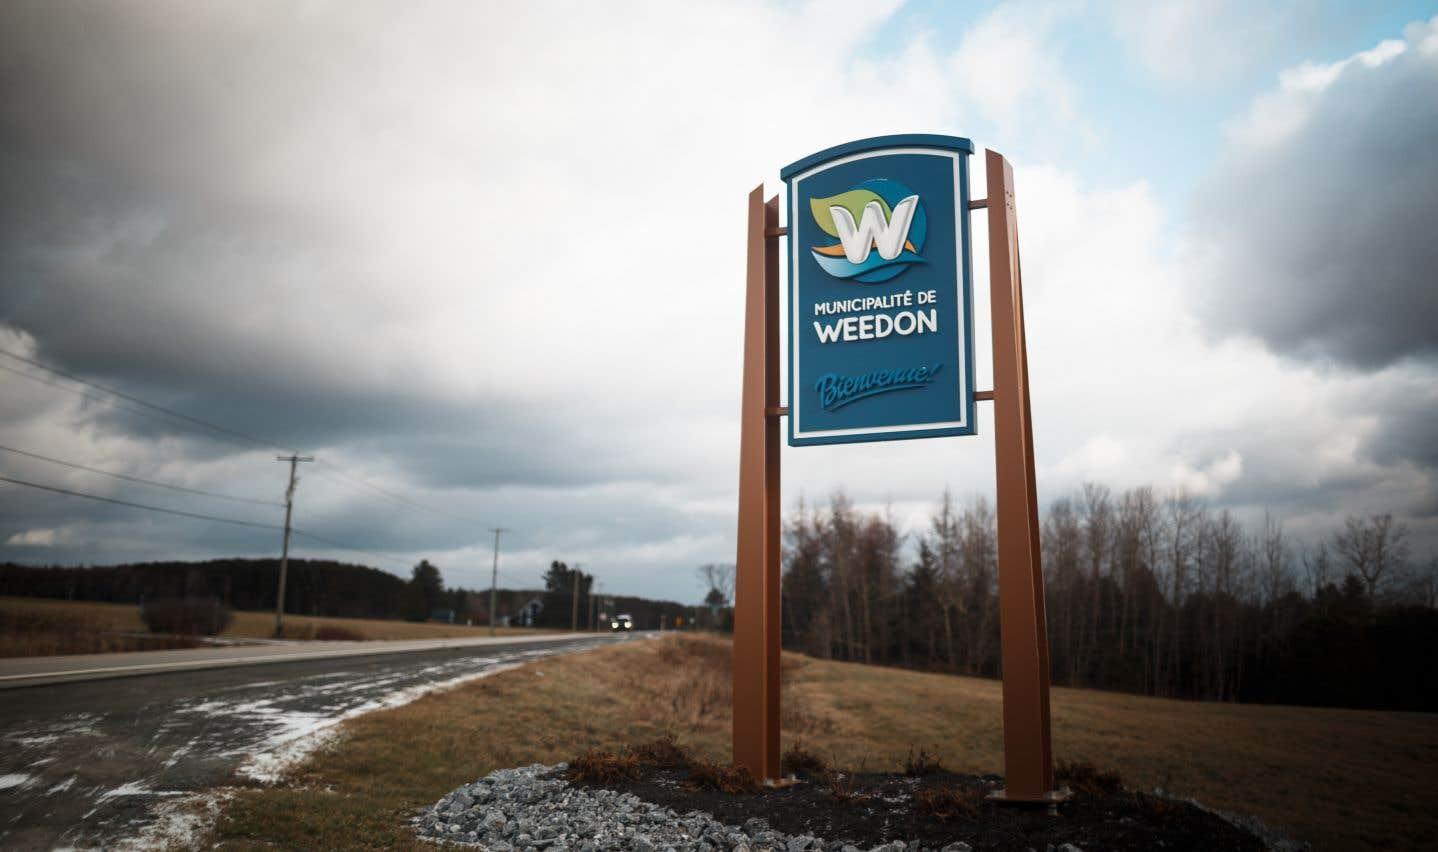 Des promoteurs ont vu un potentiel commercial pour développer le plus gros projet de serres de cannabis dans la petite ville de Weedon, en Estrie.